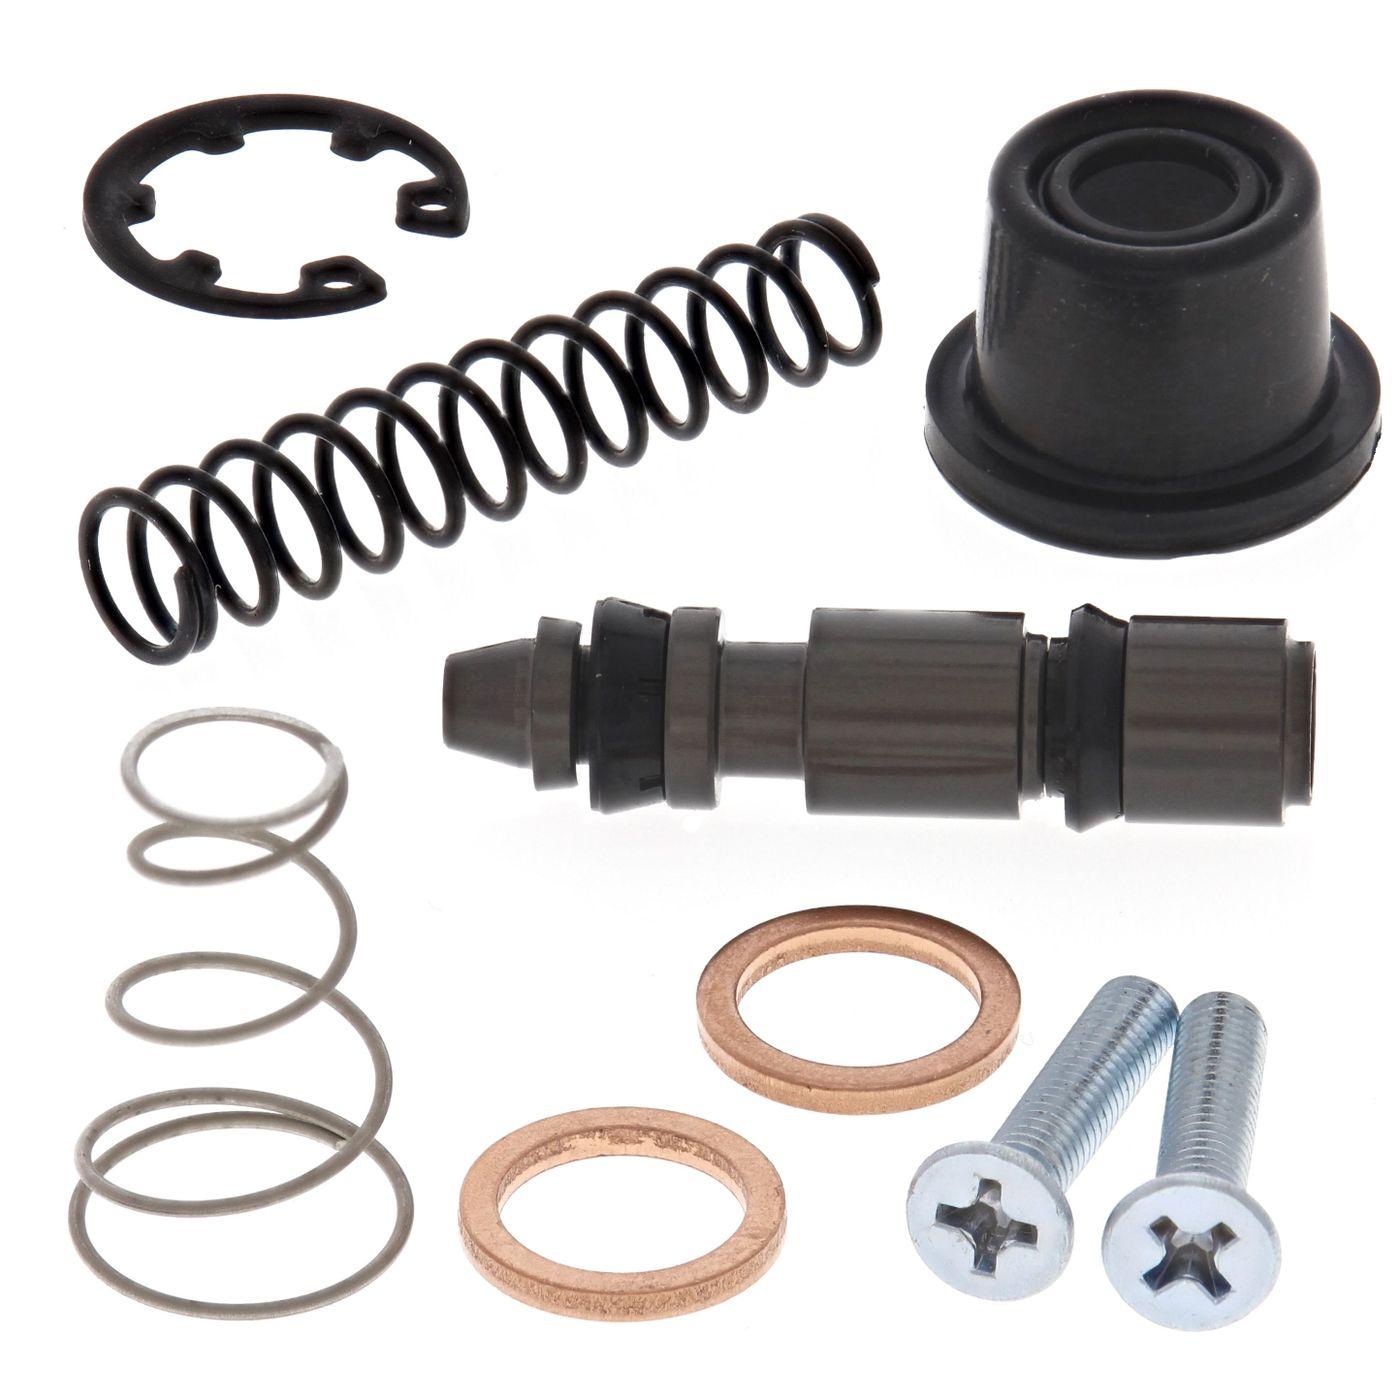 Wrp Master Cylinder Repair Kit - WRP181026 image